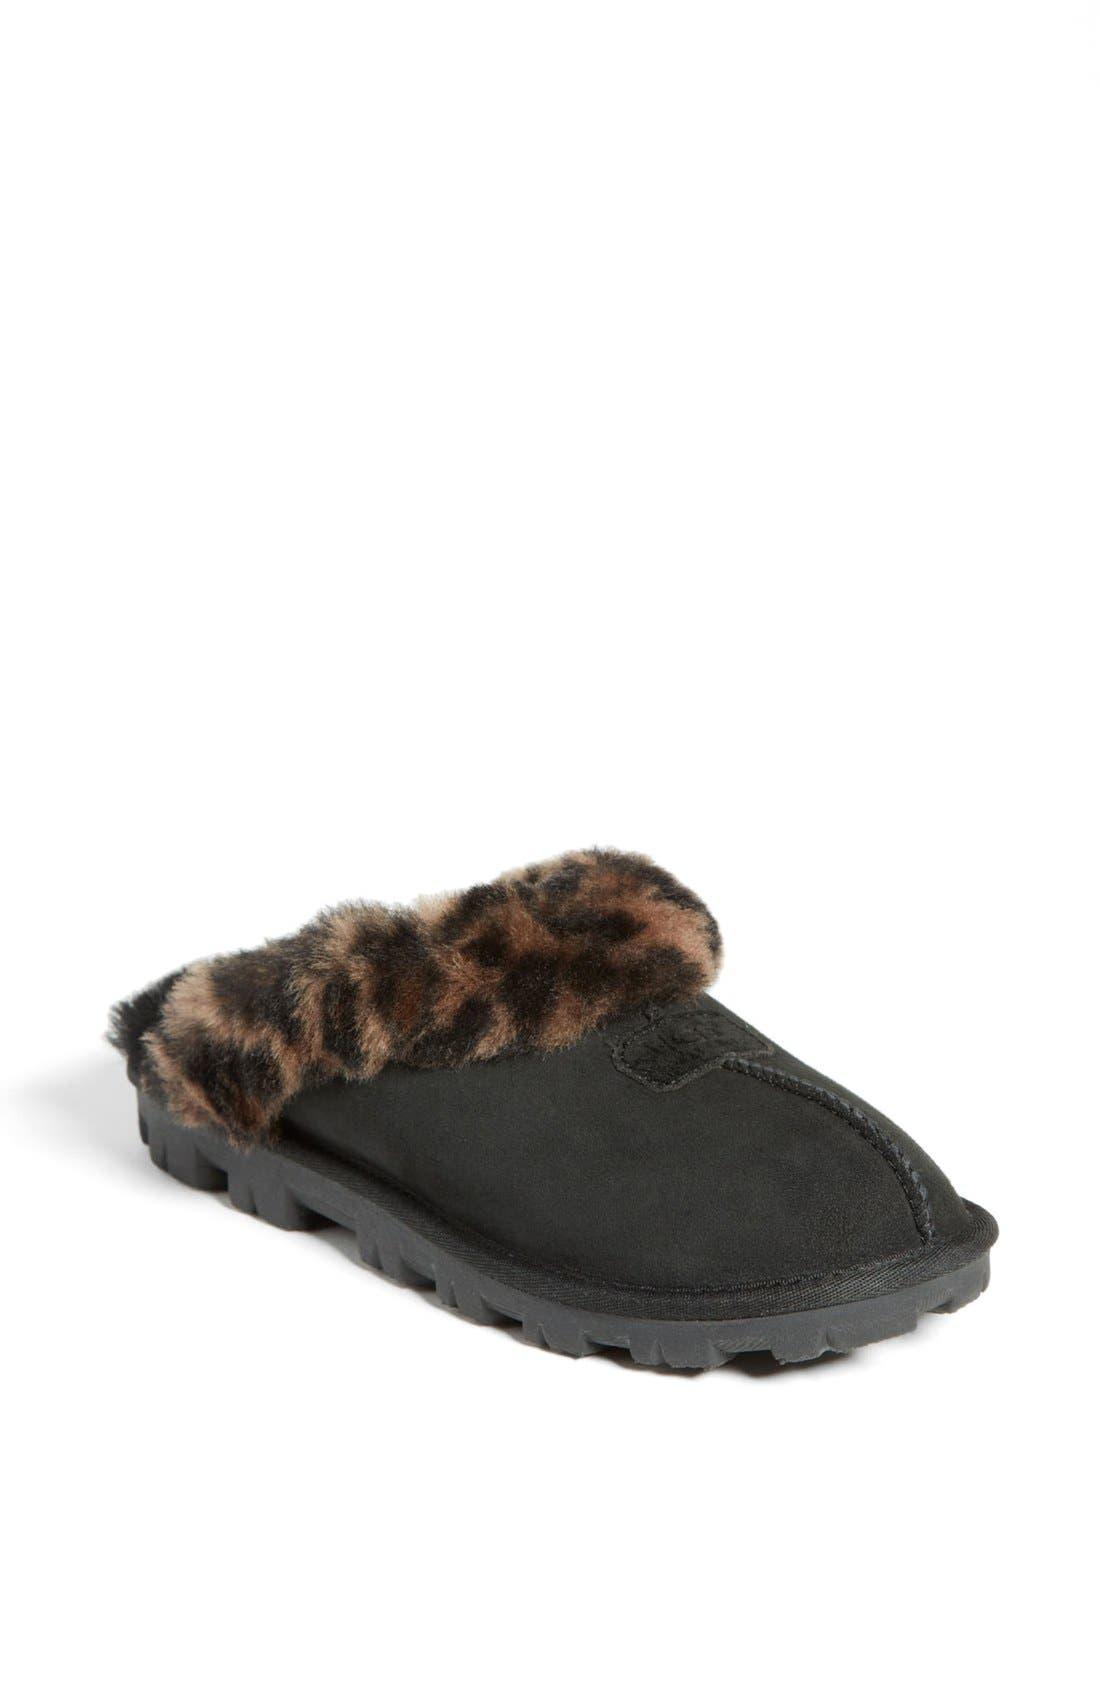 Alternate Image 1 Selected - UGG® Leopard Spot Slipper (Women)